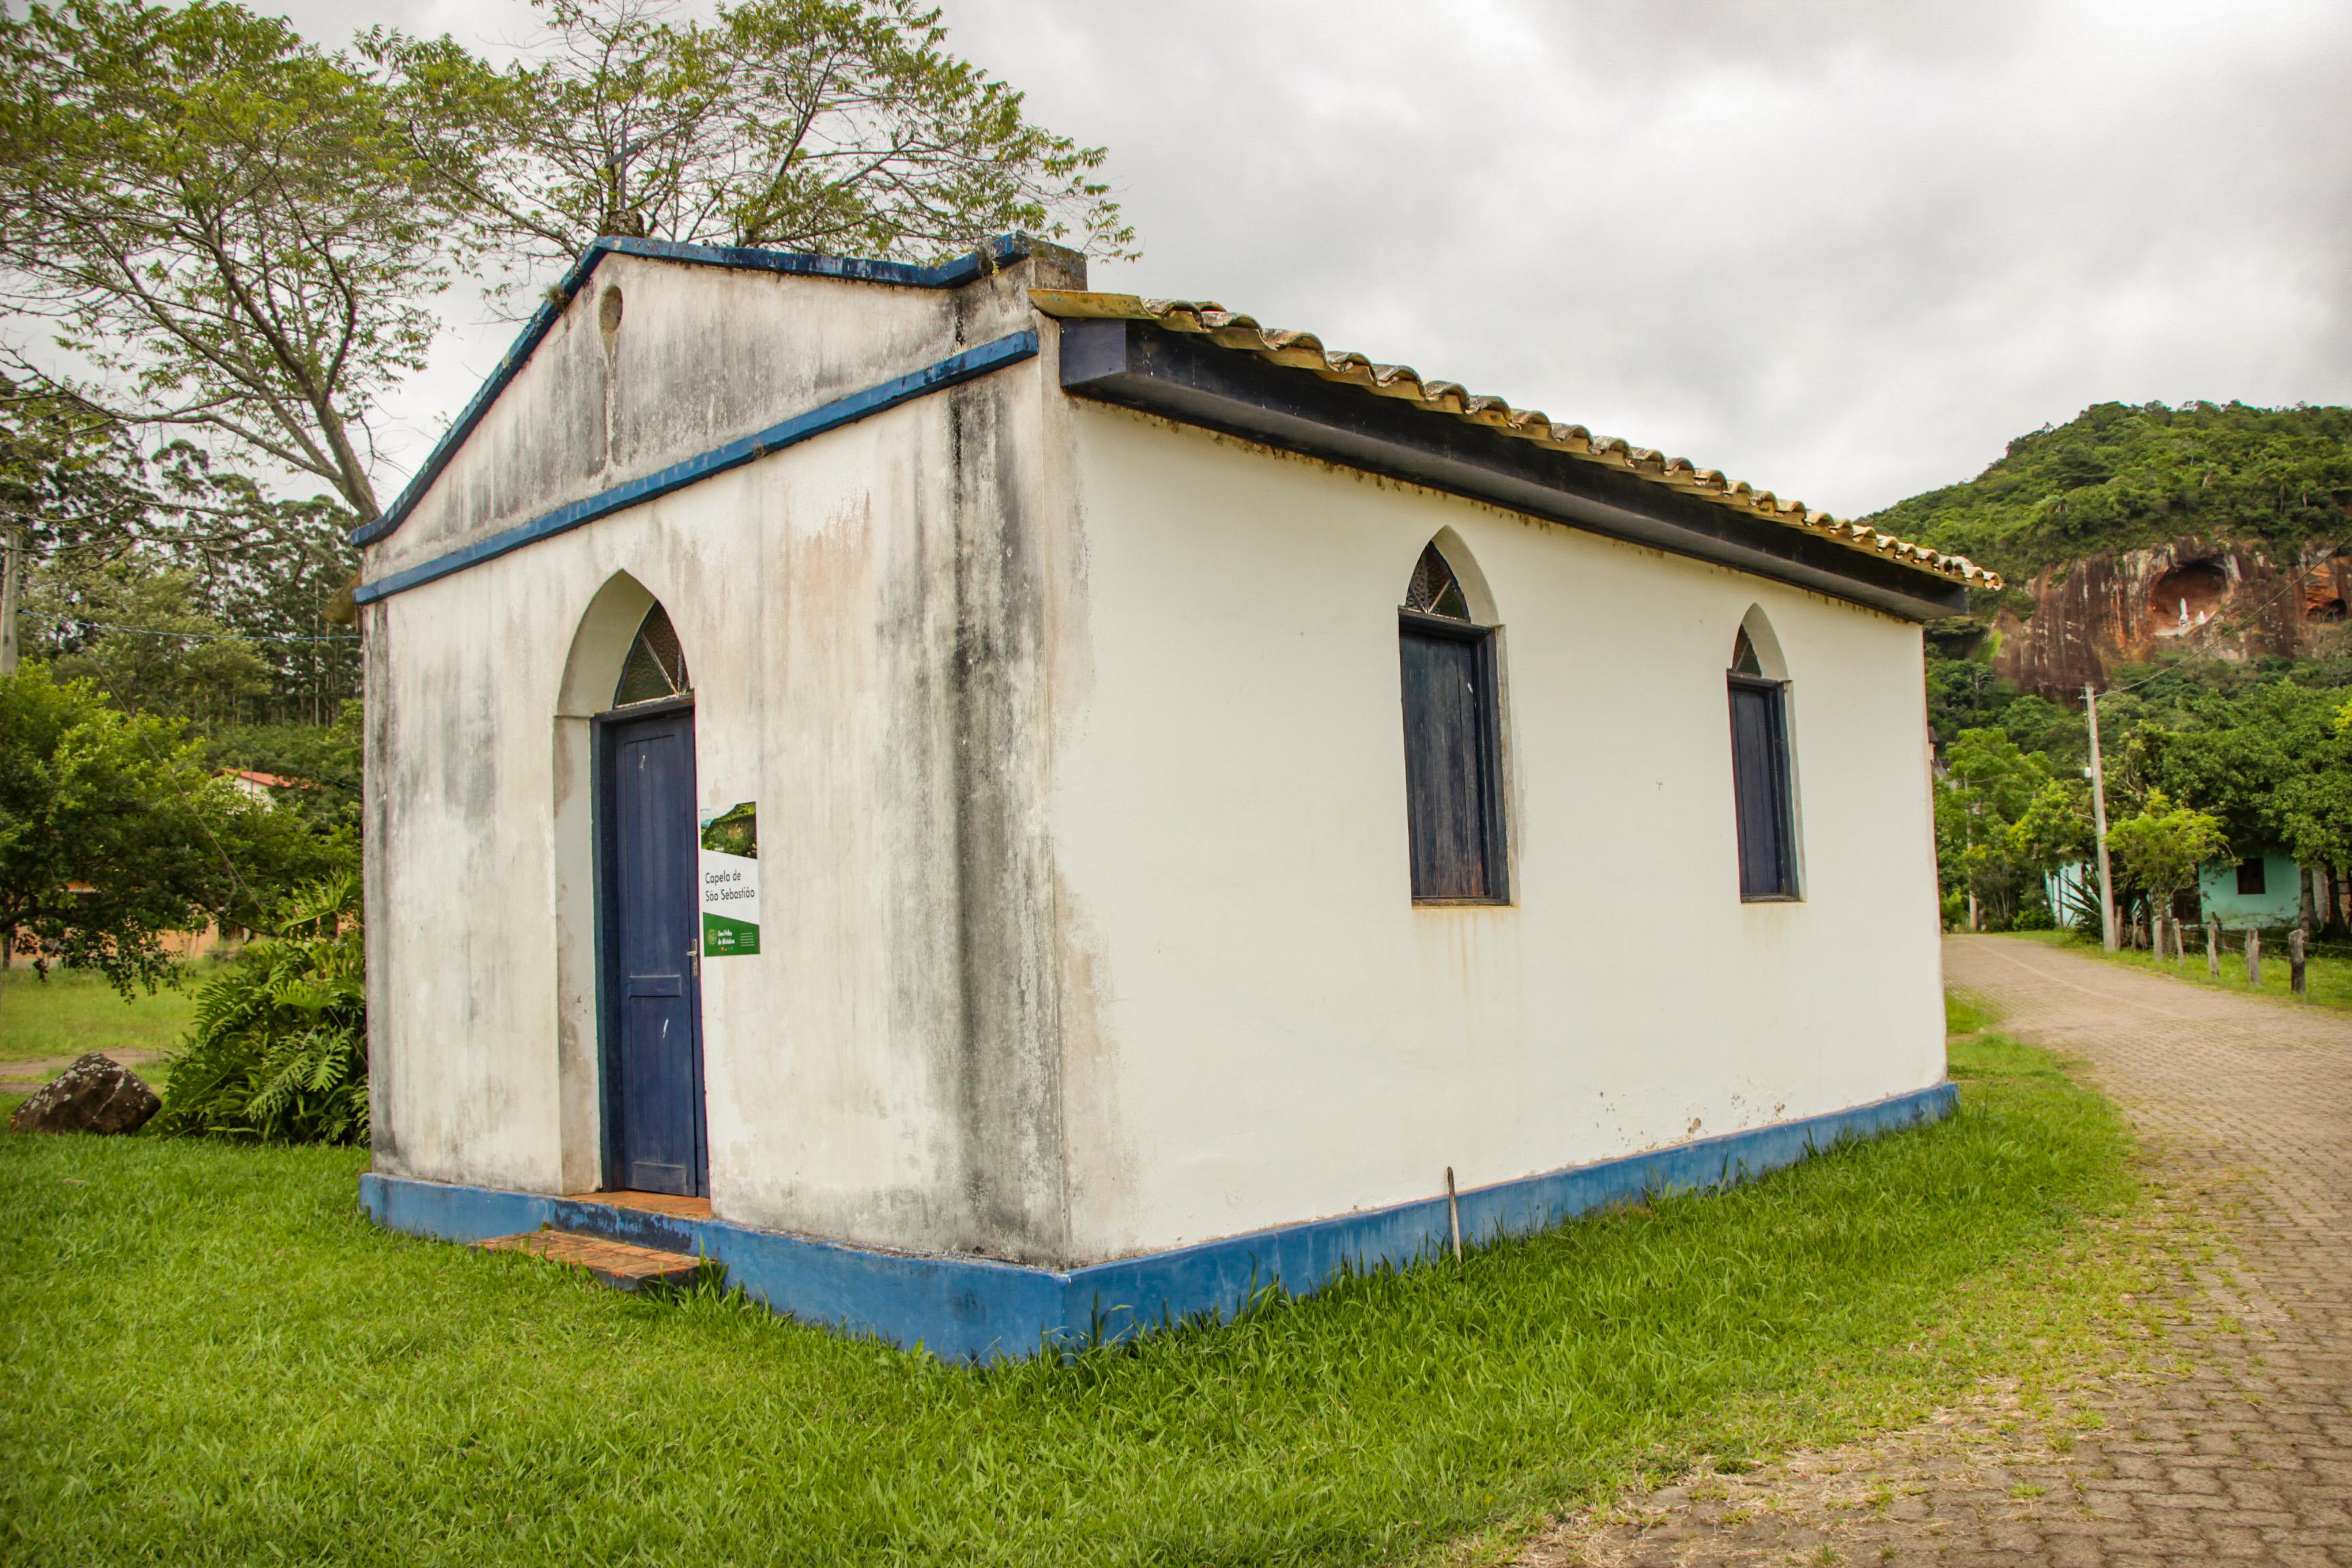 DOM PEDRO DE ALCÂNTARA Capela de São Sebastião Gruta Nossa Senhora de Lourdes